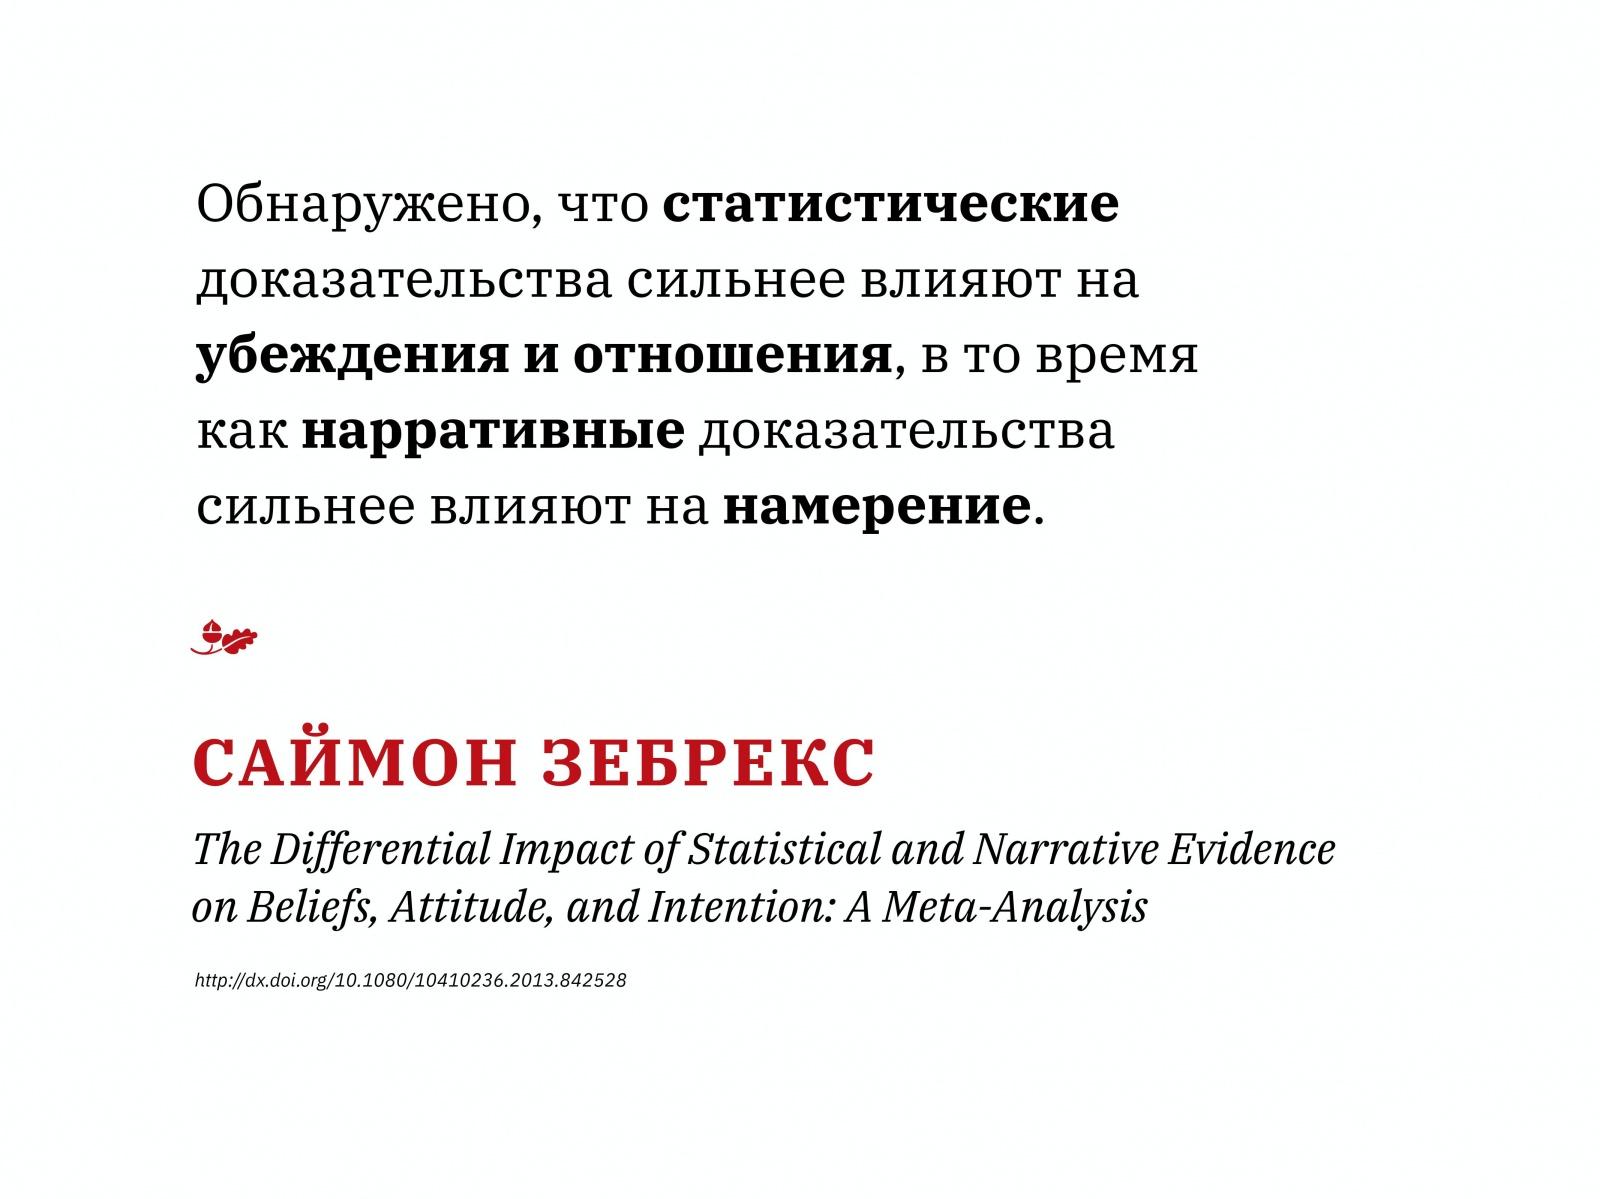 Алексей Каптерев: Критическое мышление 101 (часть 2) - 7